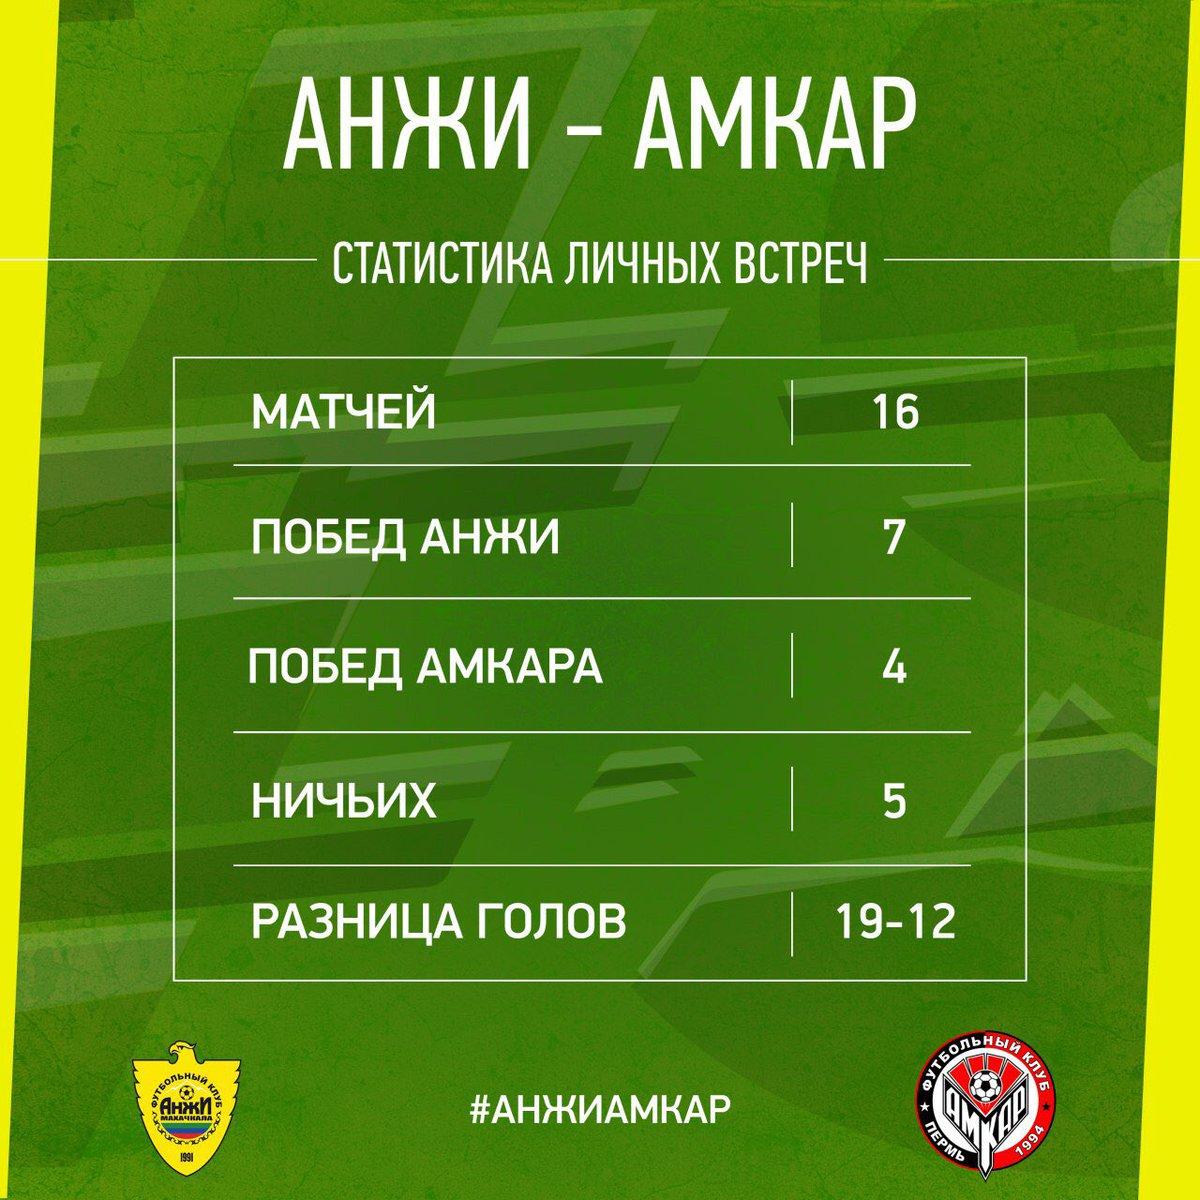 Прогноз на матч Абердин - Гамильтон 05 августа 2017